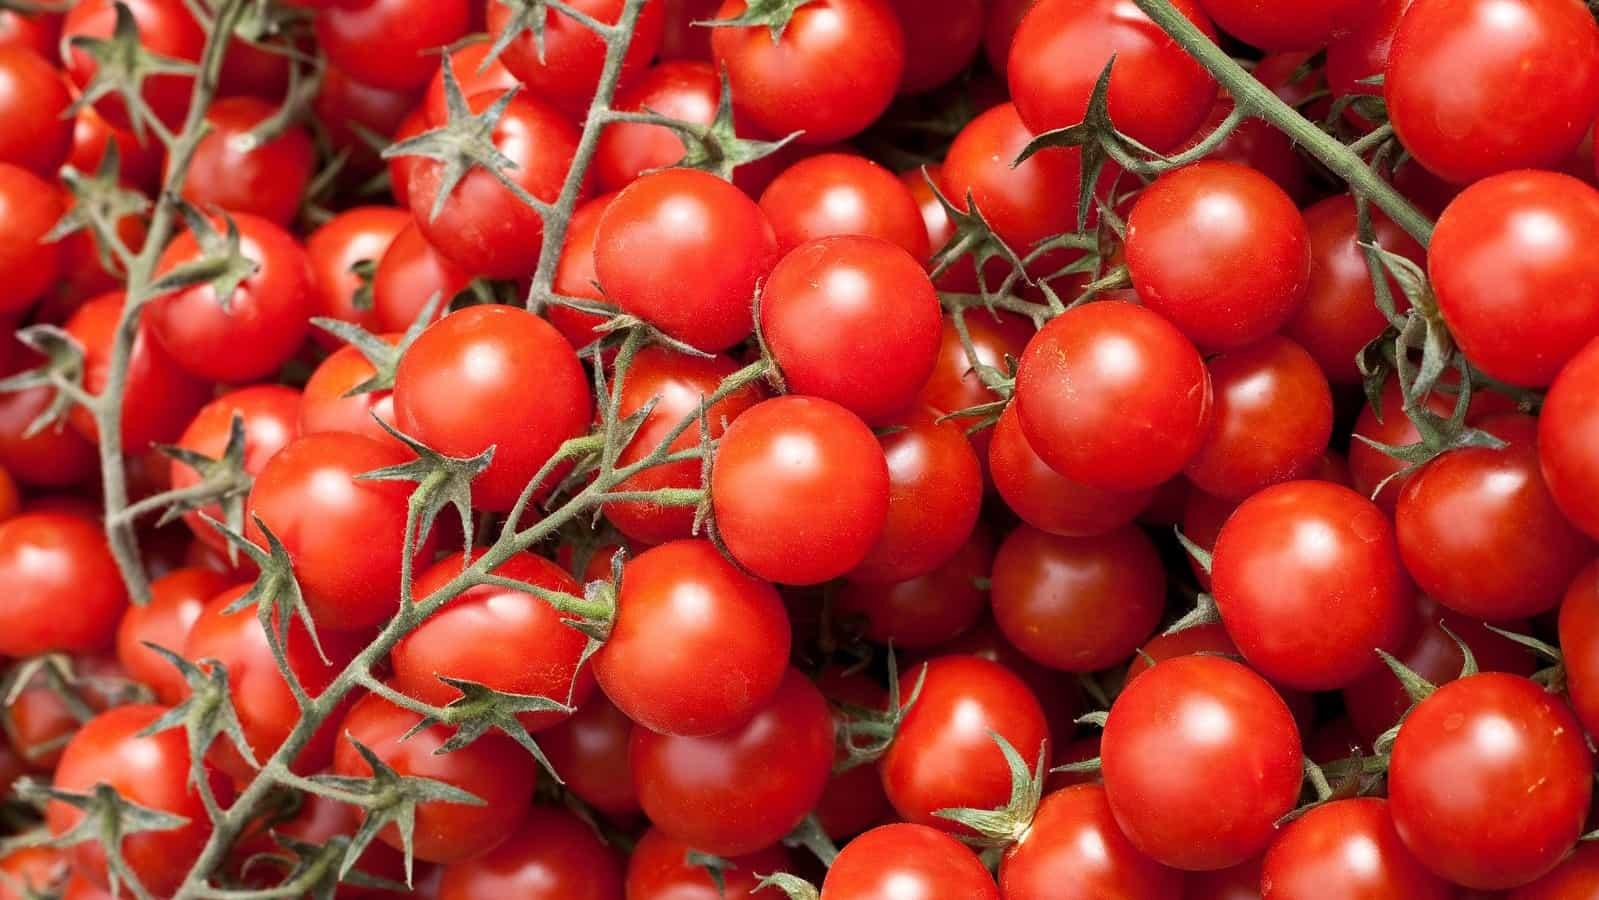 Närbild av mängder av röda körsbärstomater på kvist.